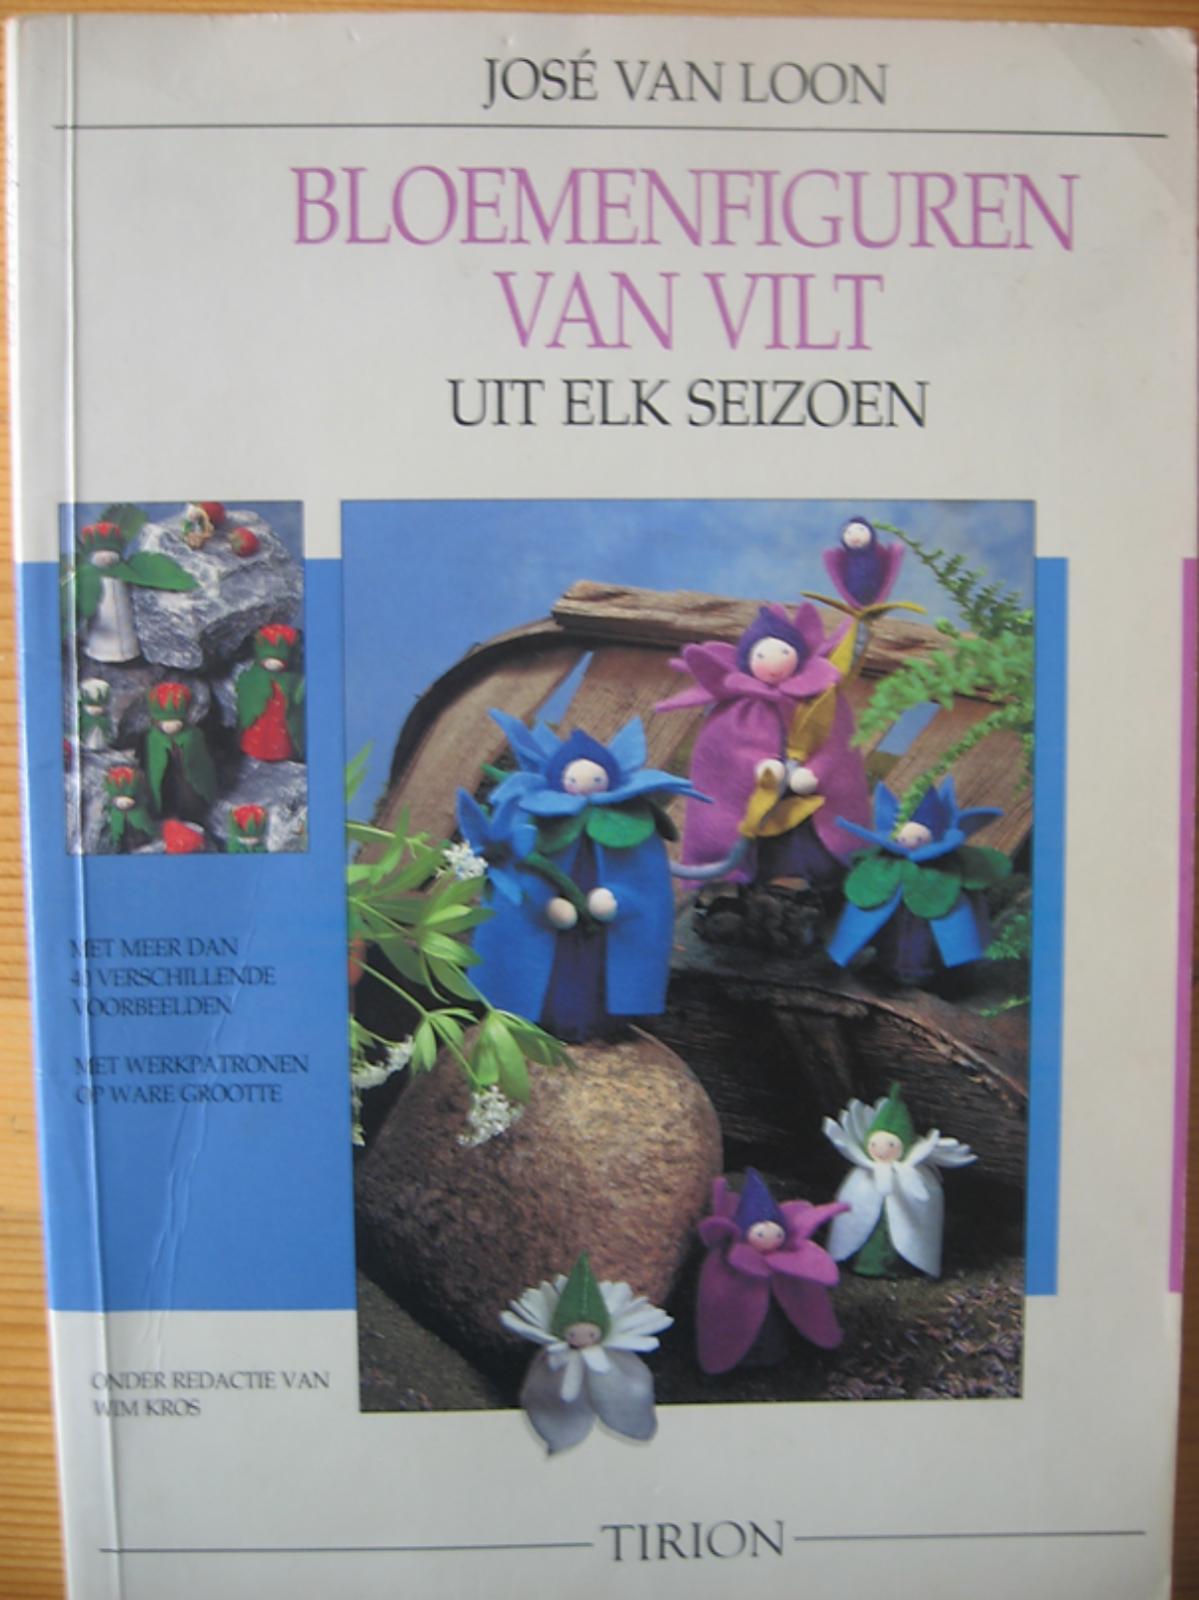 Atelier de Vier Jaargetijden bloemenfiguren van vilt